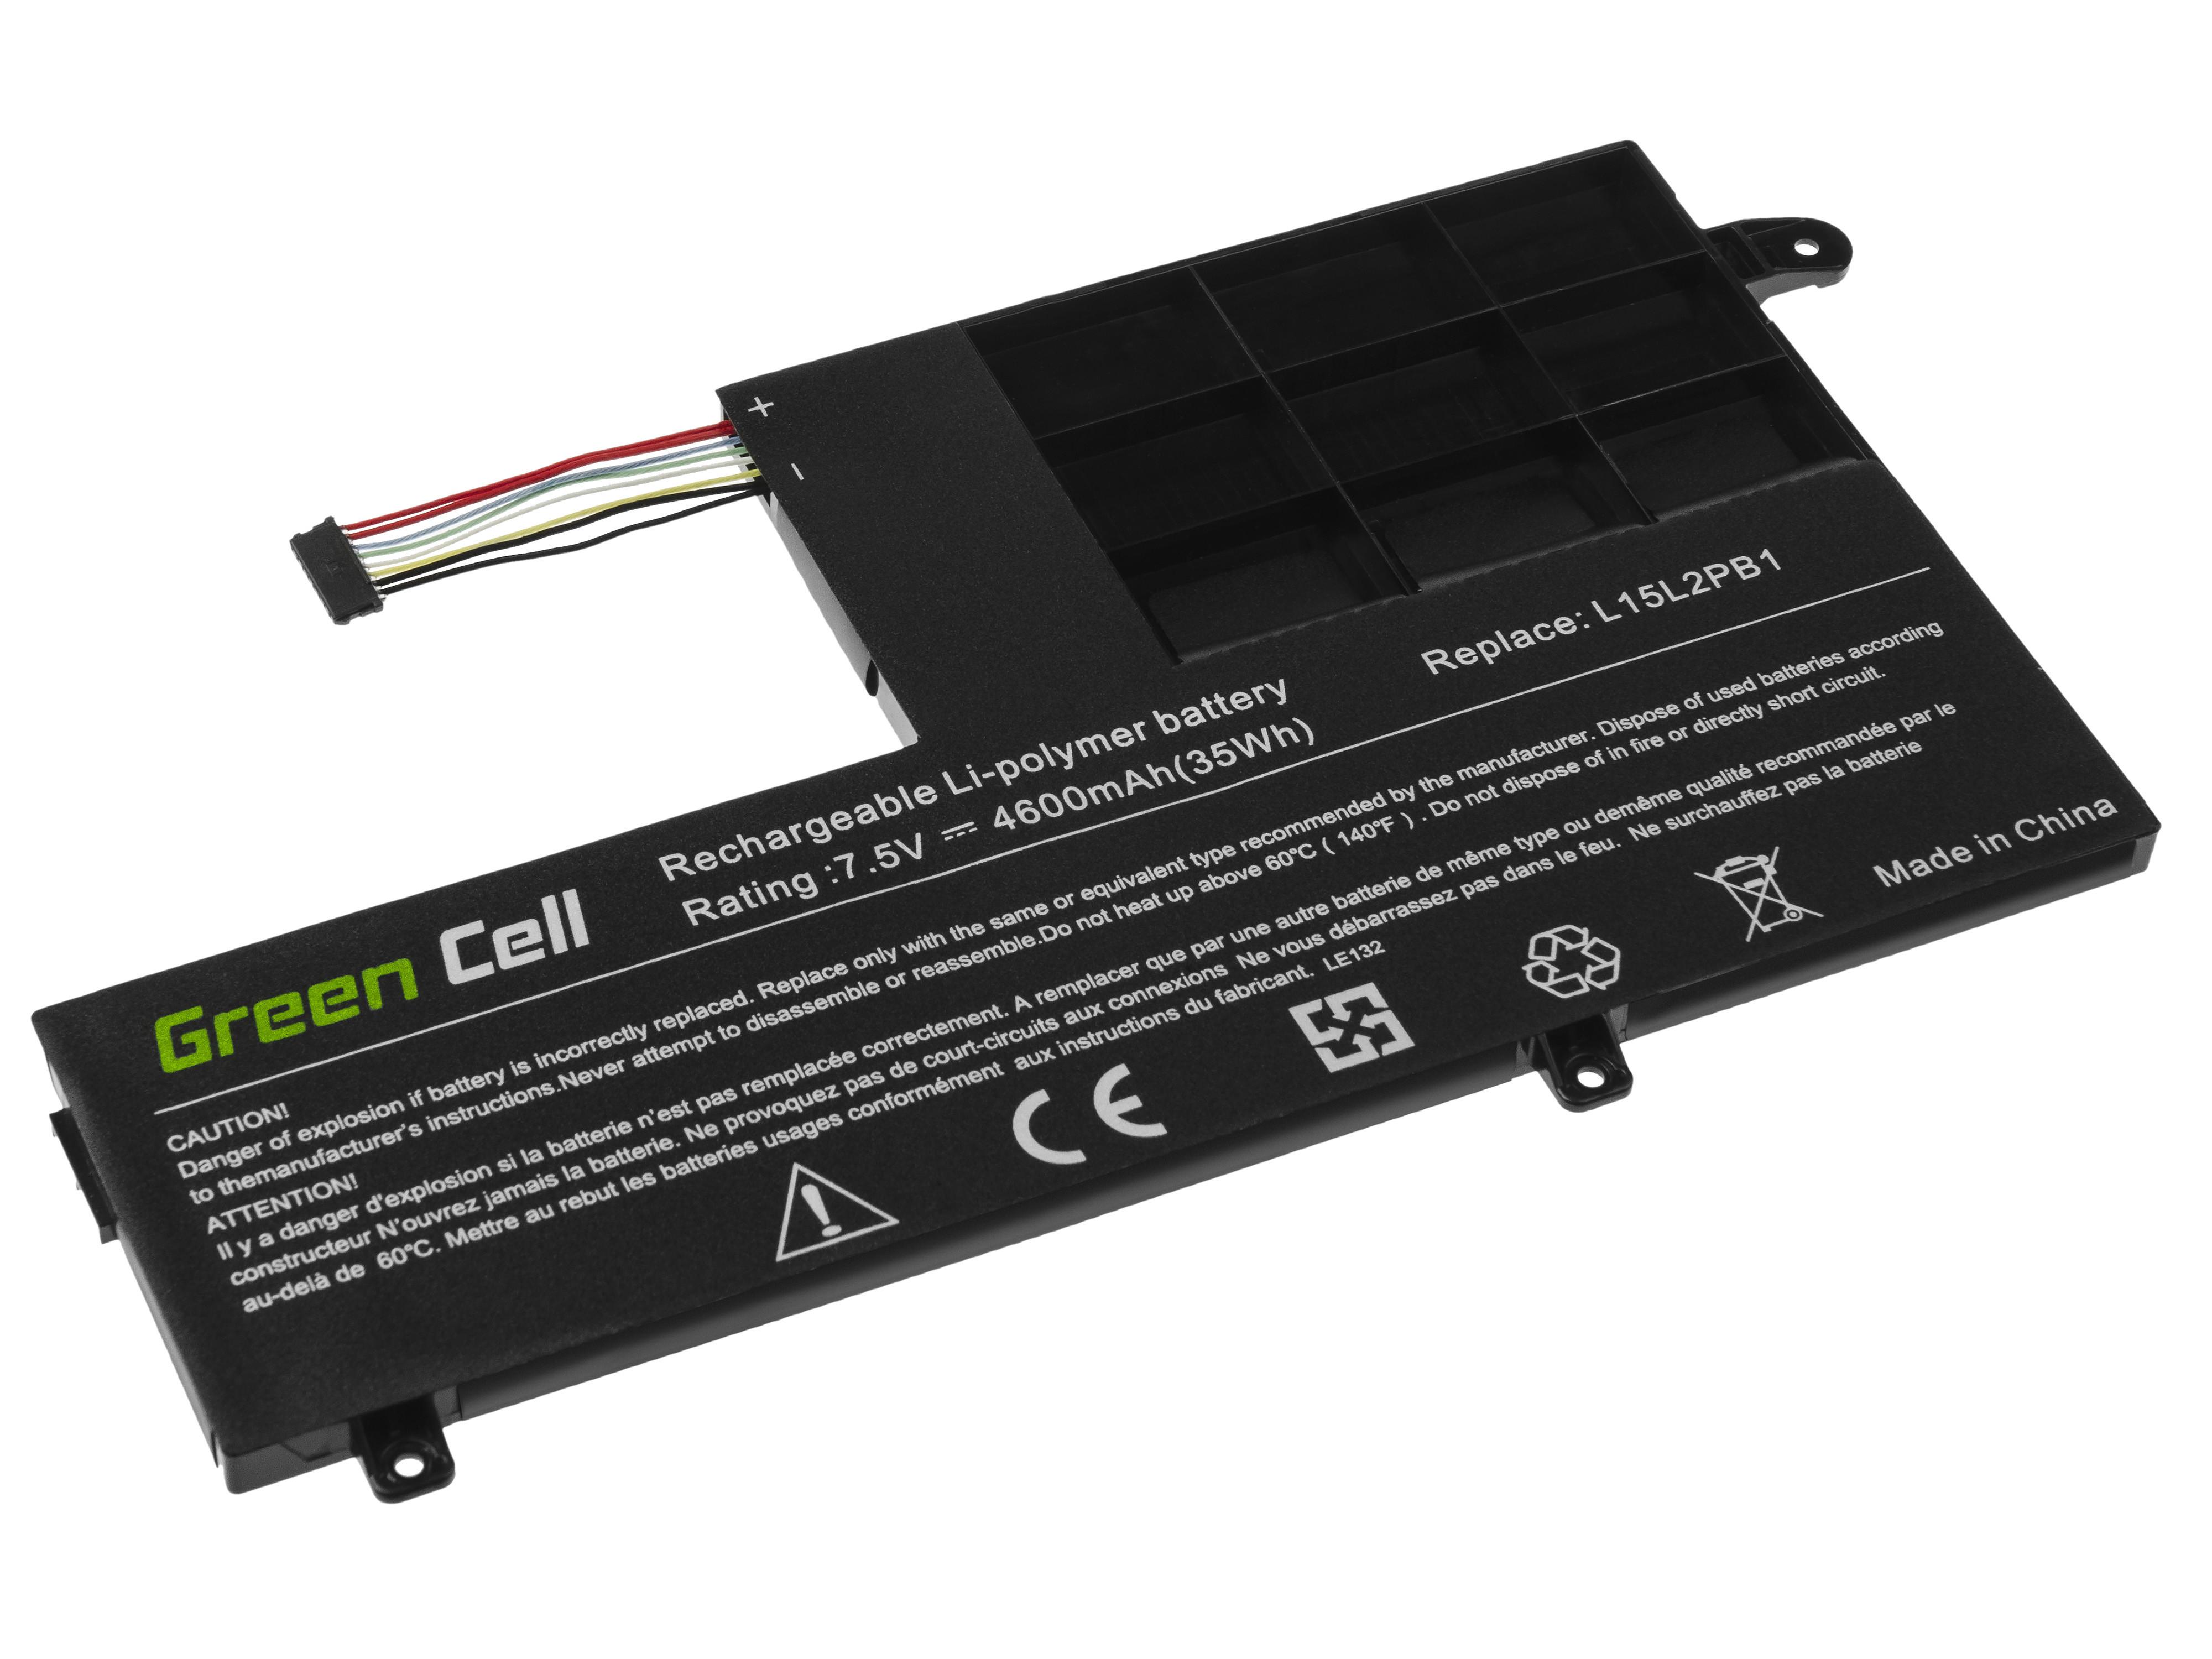 Green Cell LE132 Baterie Lenovo L15C2PB1 L15L2PB1 L15M2PB1,Lenovo Yoga 510-14IKB 510-14ISK 510-15IKB 510-15ISK 4600mAh Li-Pol – neoriginální